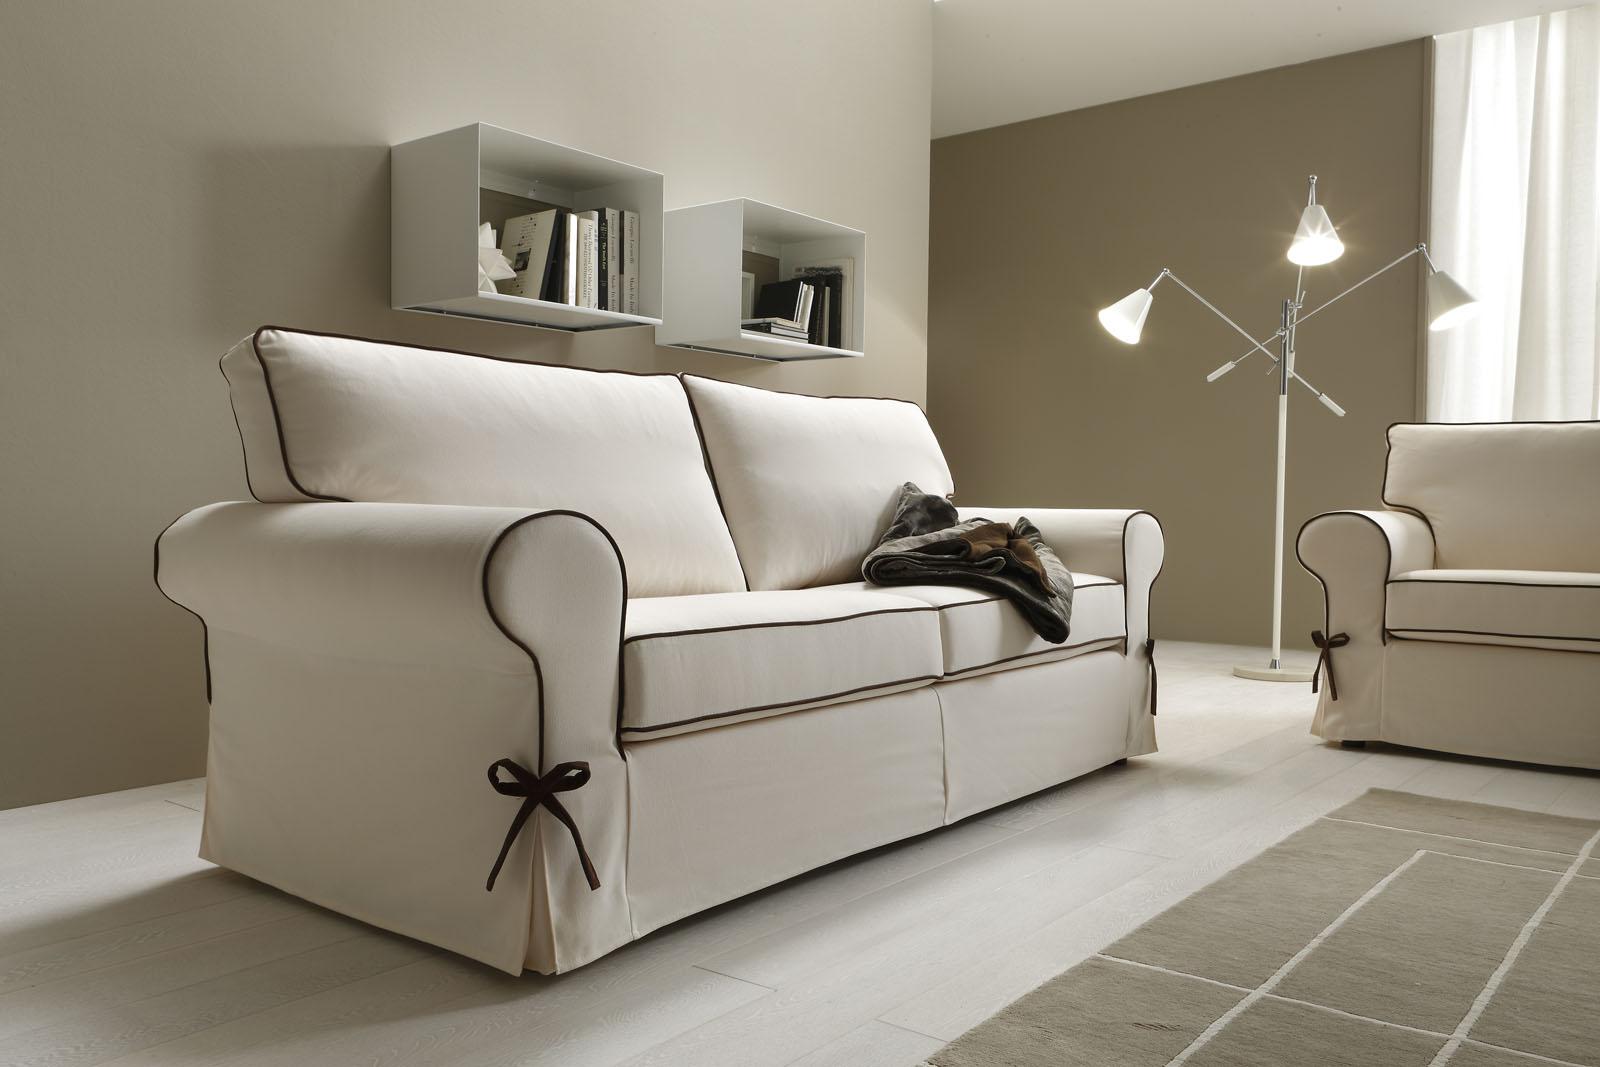 Divano seychelles prezzo : Divano angolare pelle offerta: divano angolare xxl livia g1020